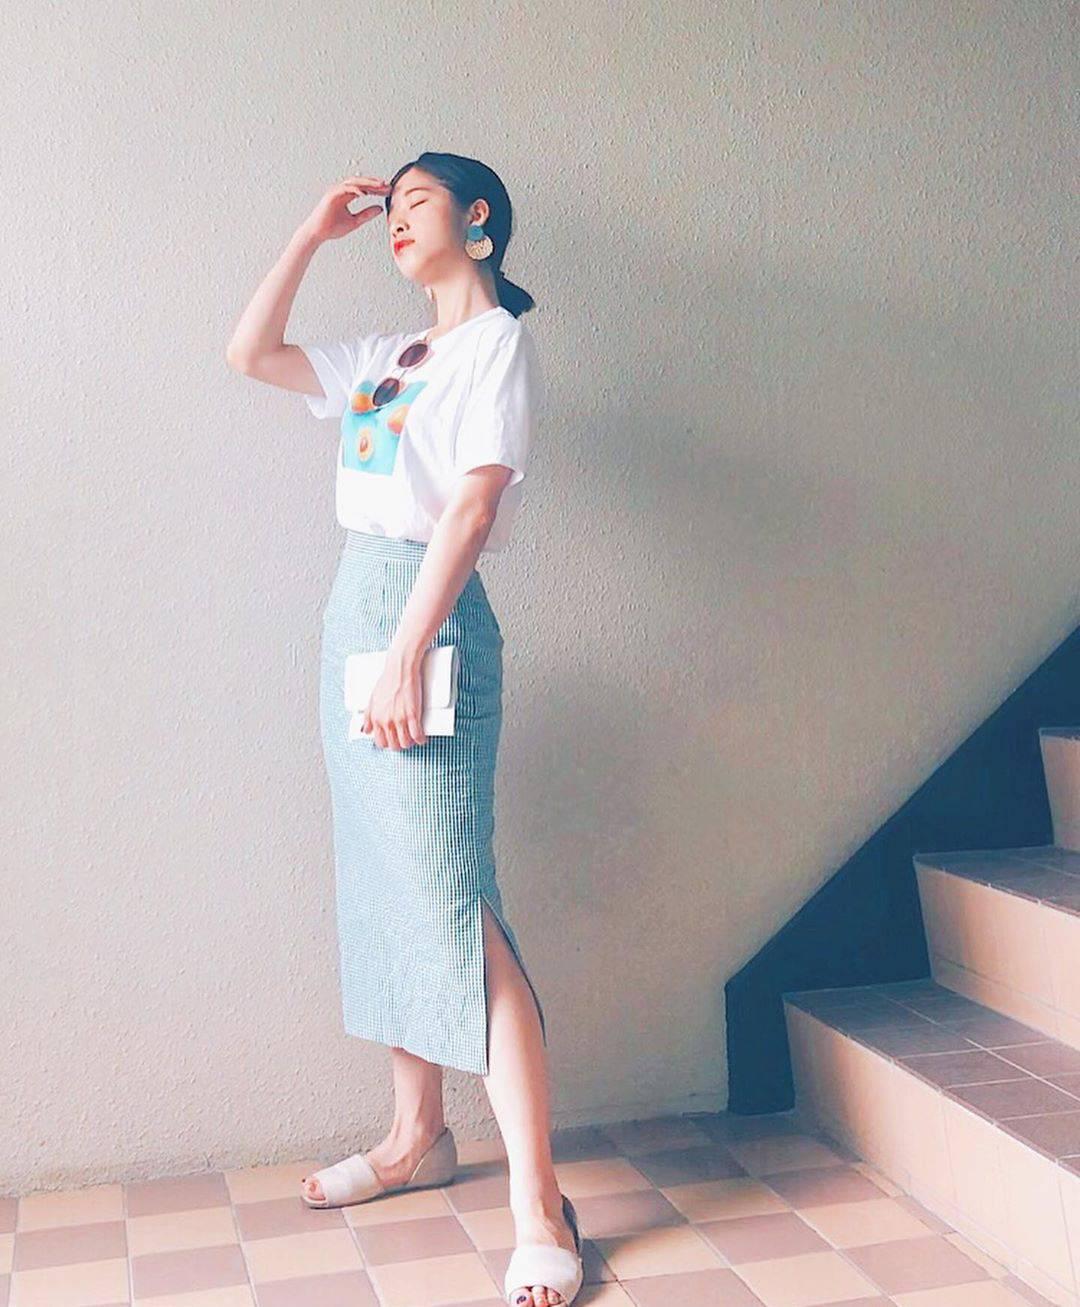 最高気温25度・最低気温20度 natsu_outfitsの服装